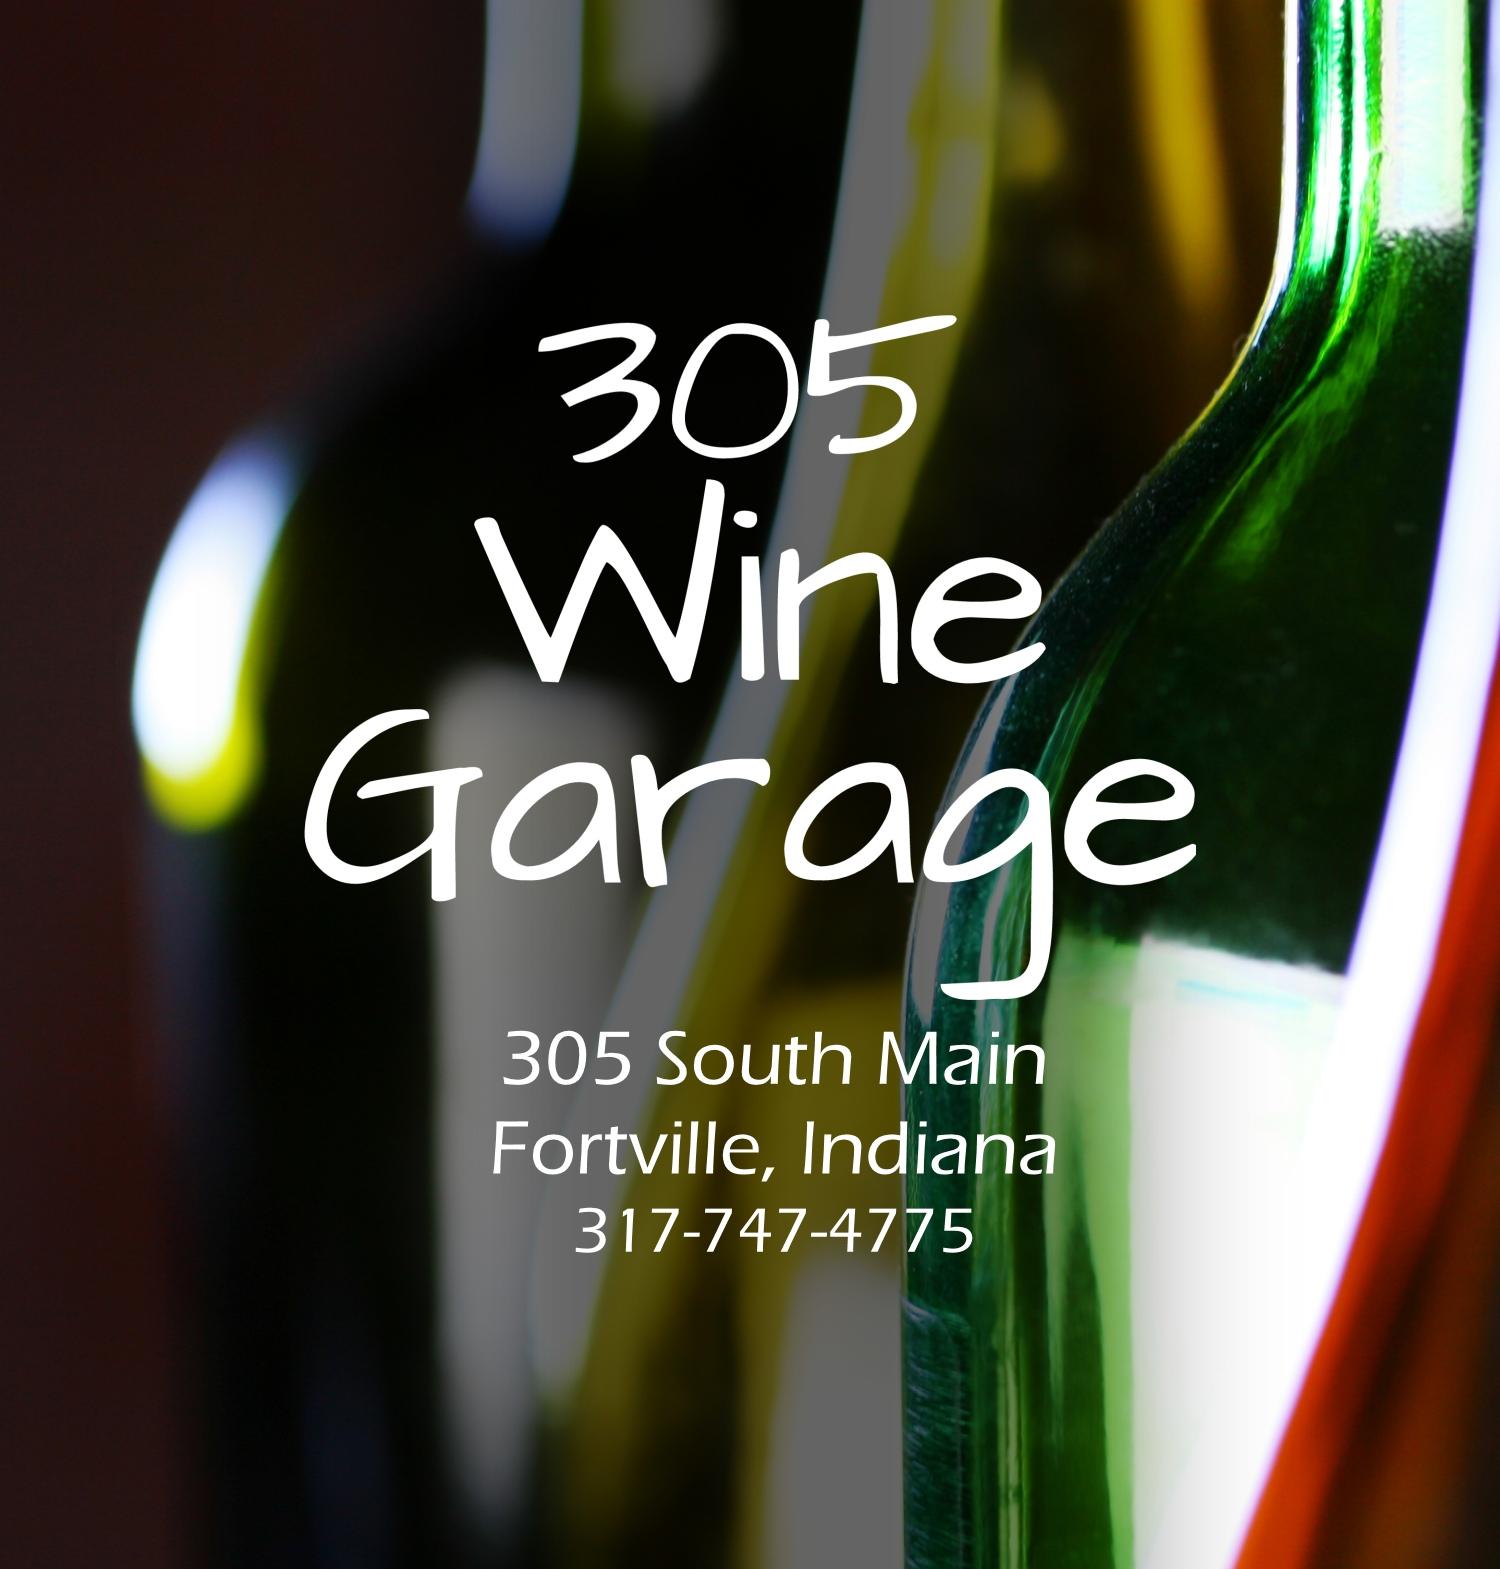 305 Wine Garage